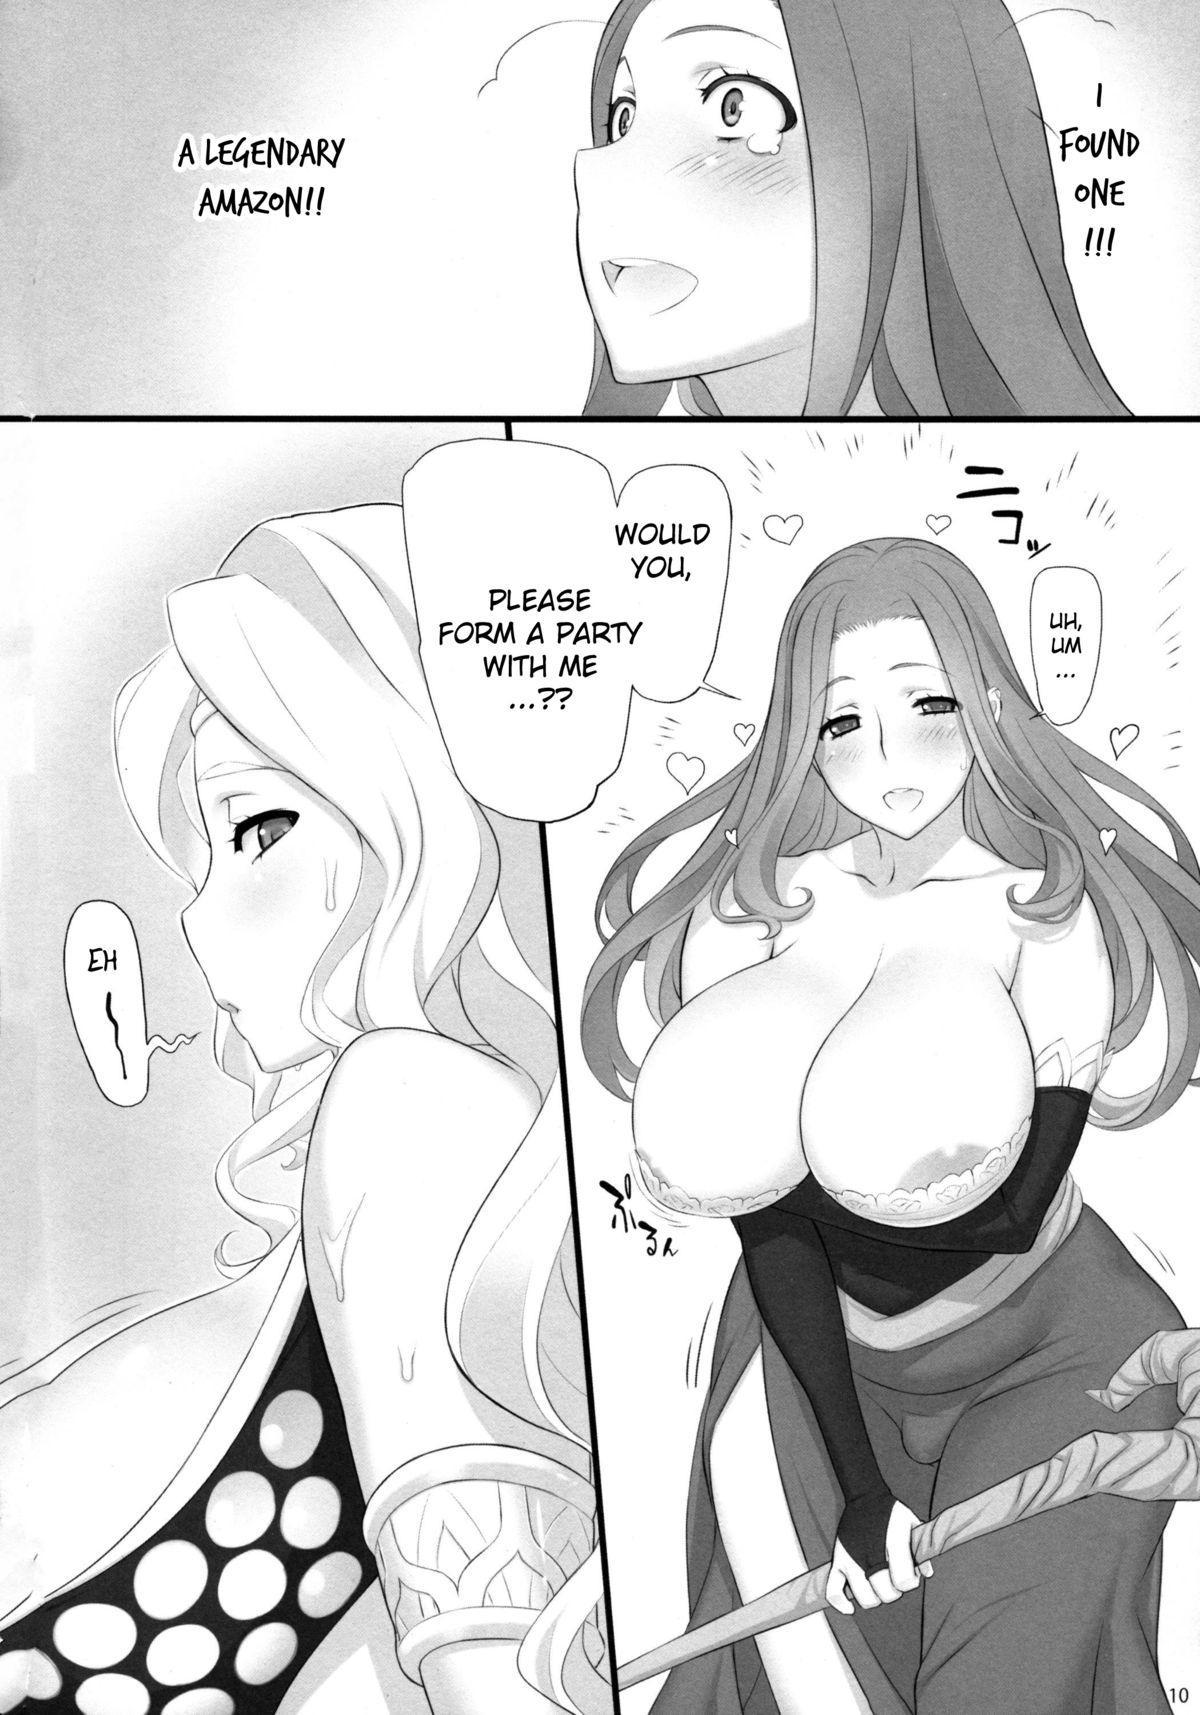 Sorceress no Natsu, Amazon no Natsu. | Summer of Sorceress, Summer of Amazon 9